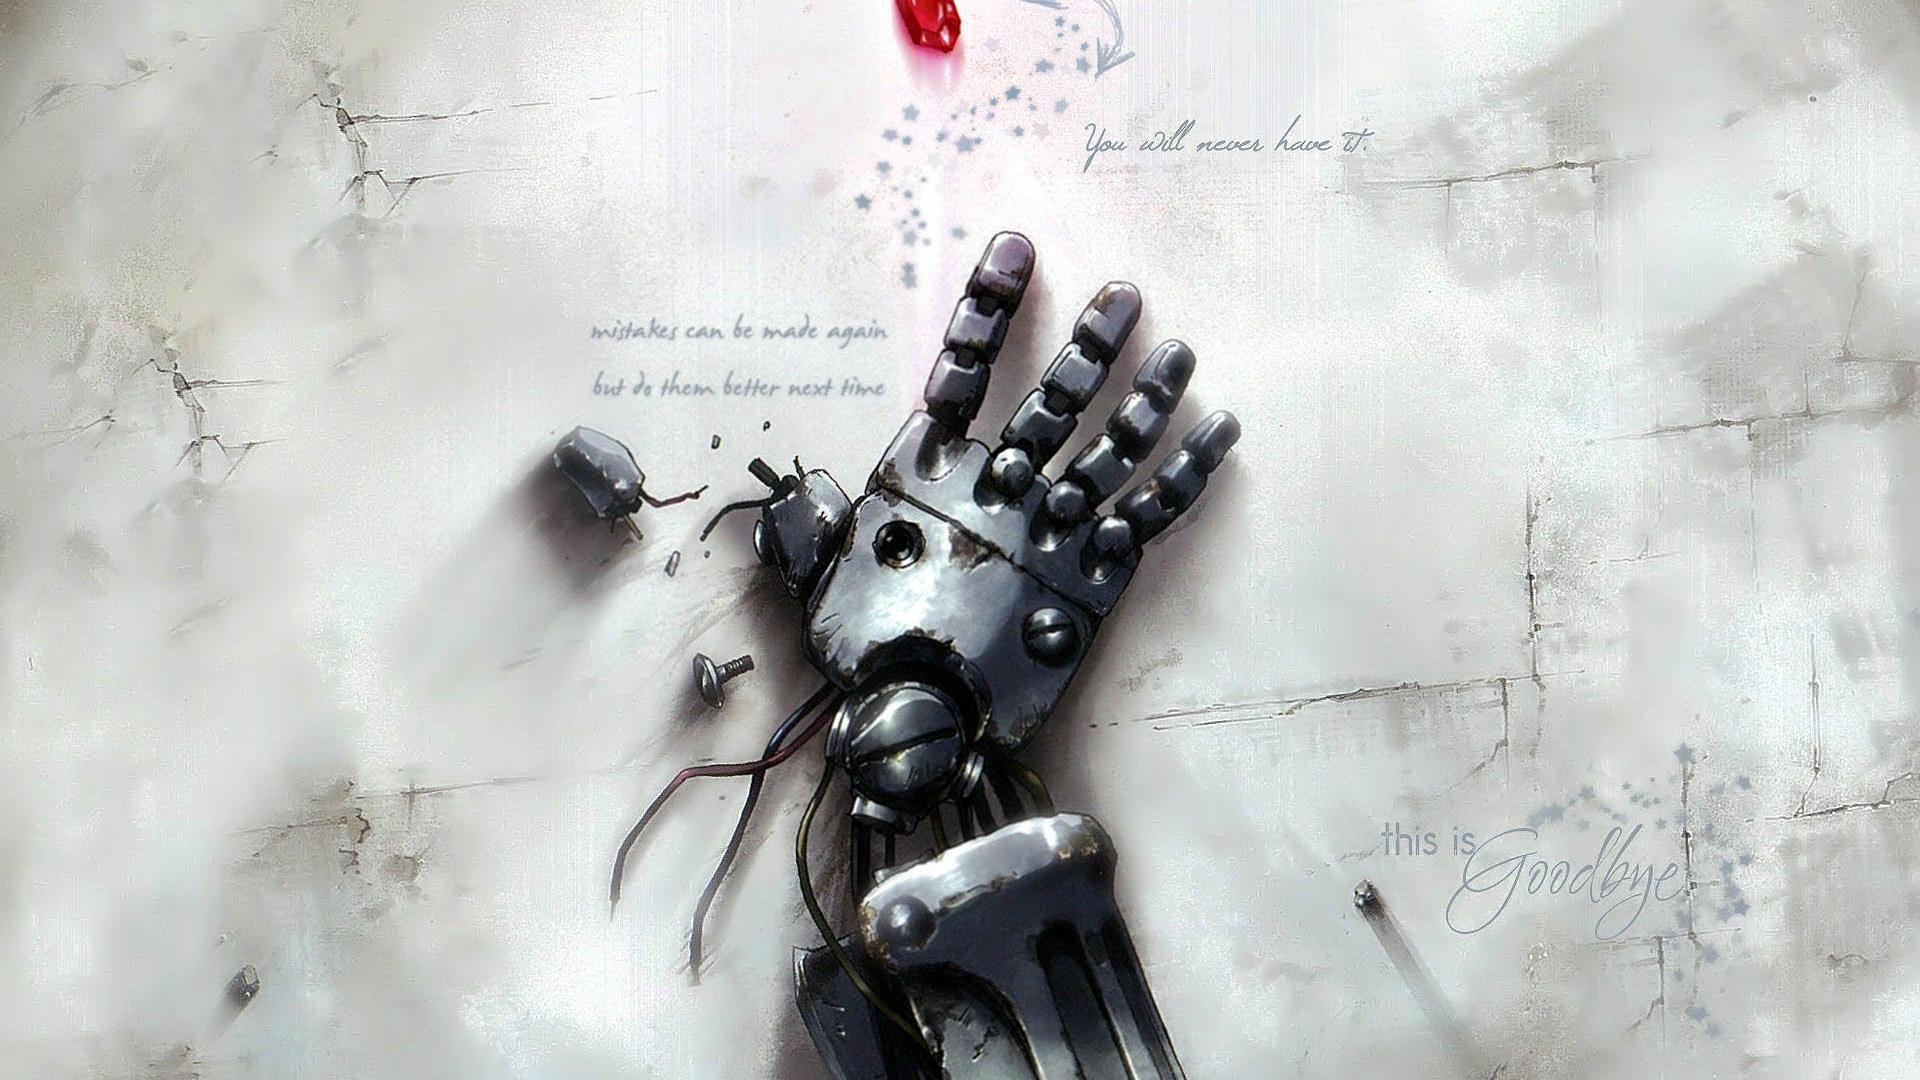 Hình nền anime đen trắng bàn tay người máy